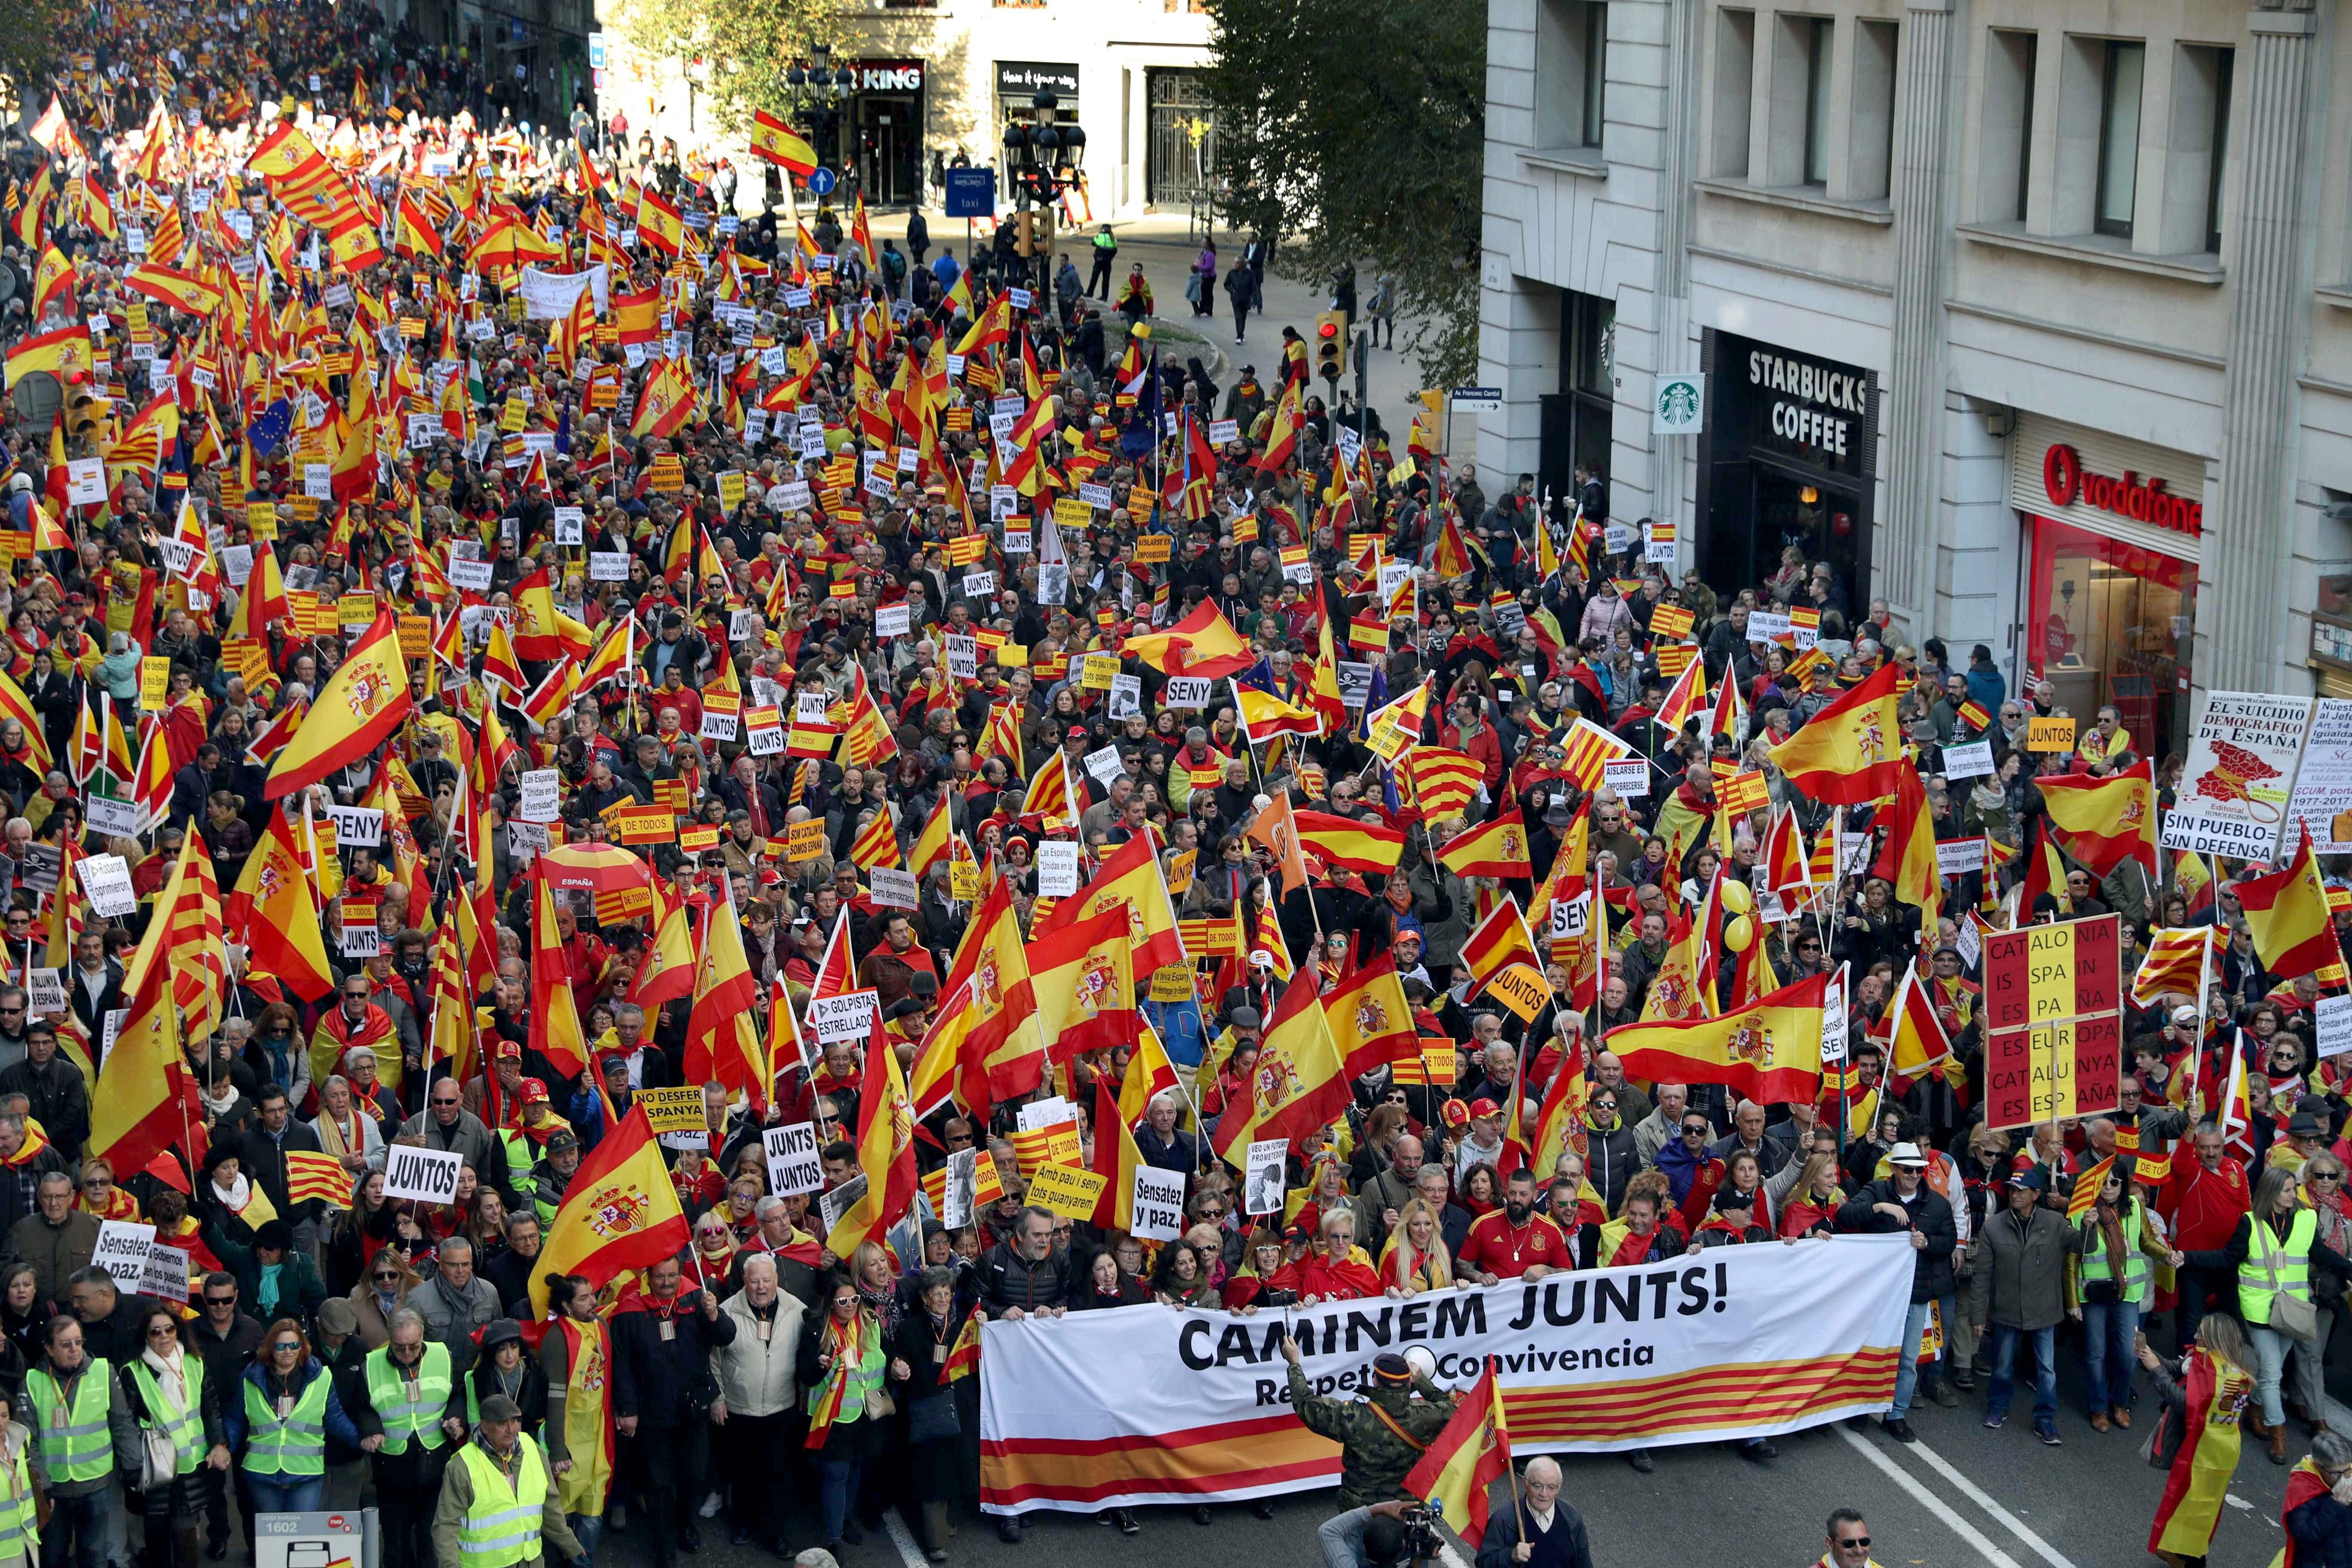 Unes 12.000 persones, segons la Guàrdia Urbana, es manifesten a Barcelona a favor de la Constitució. /TONI ALBIR